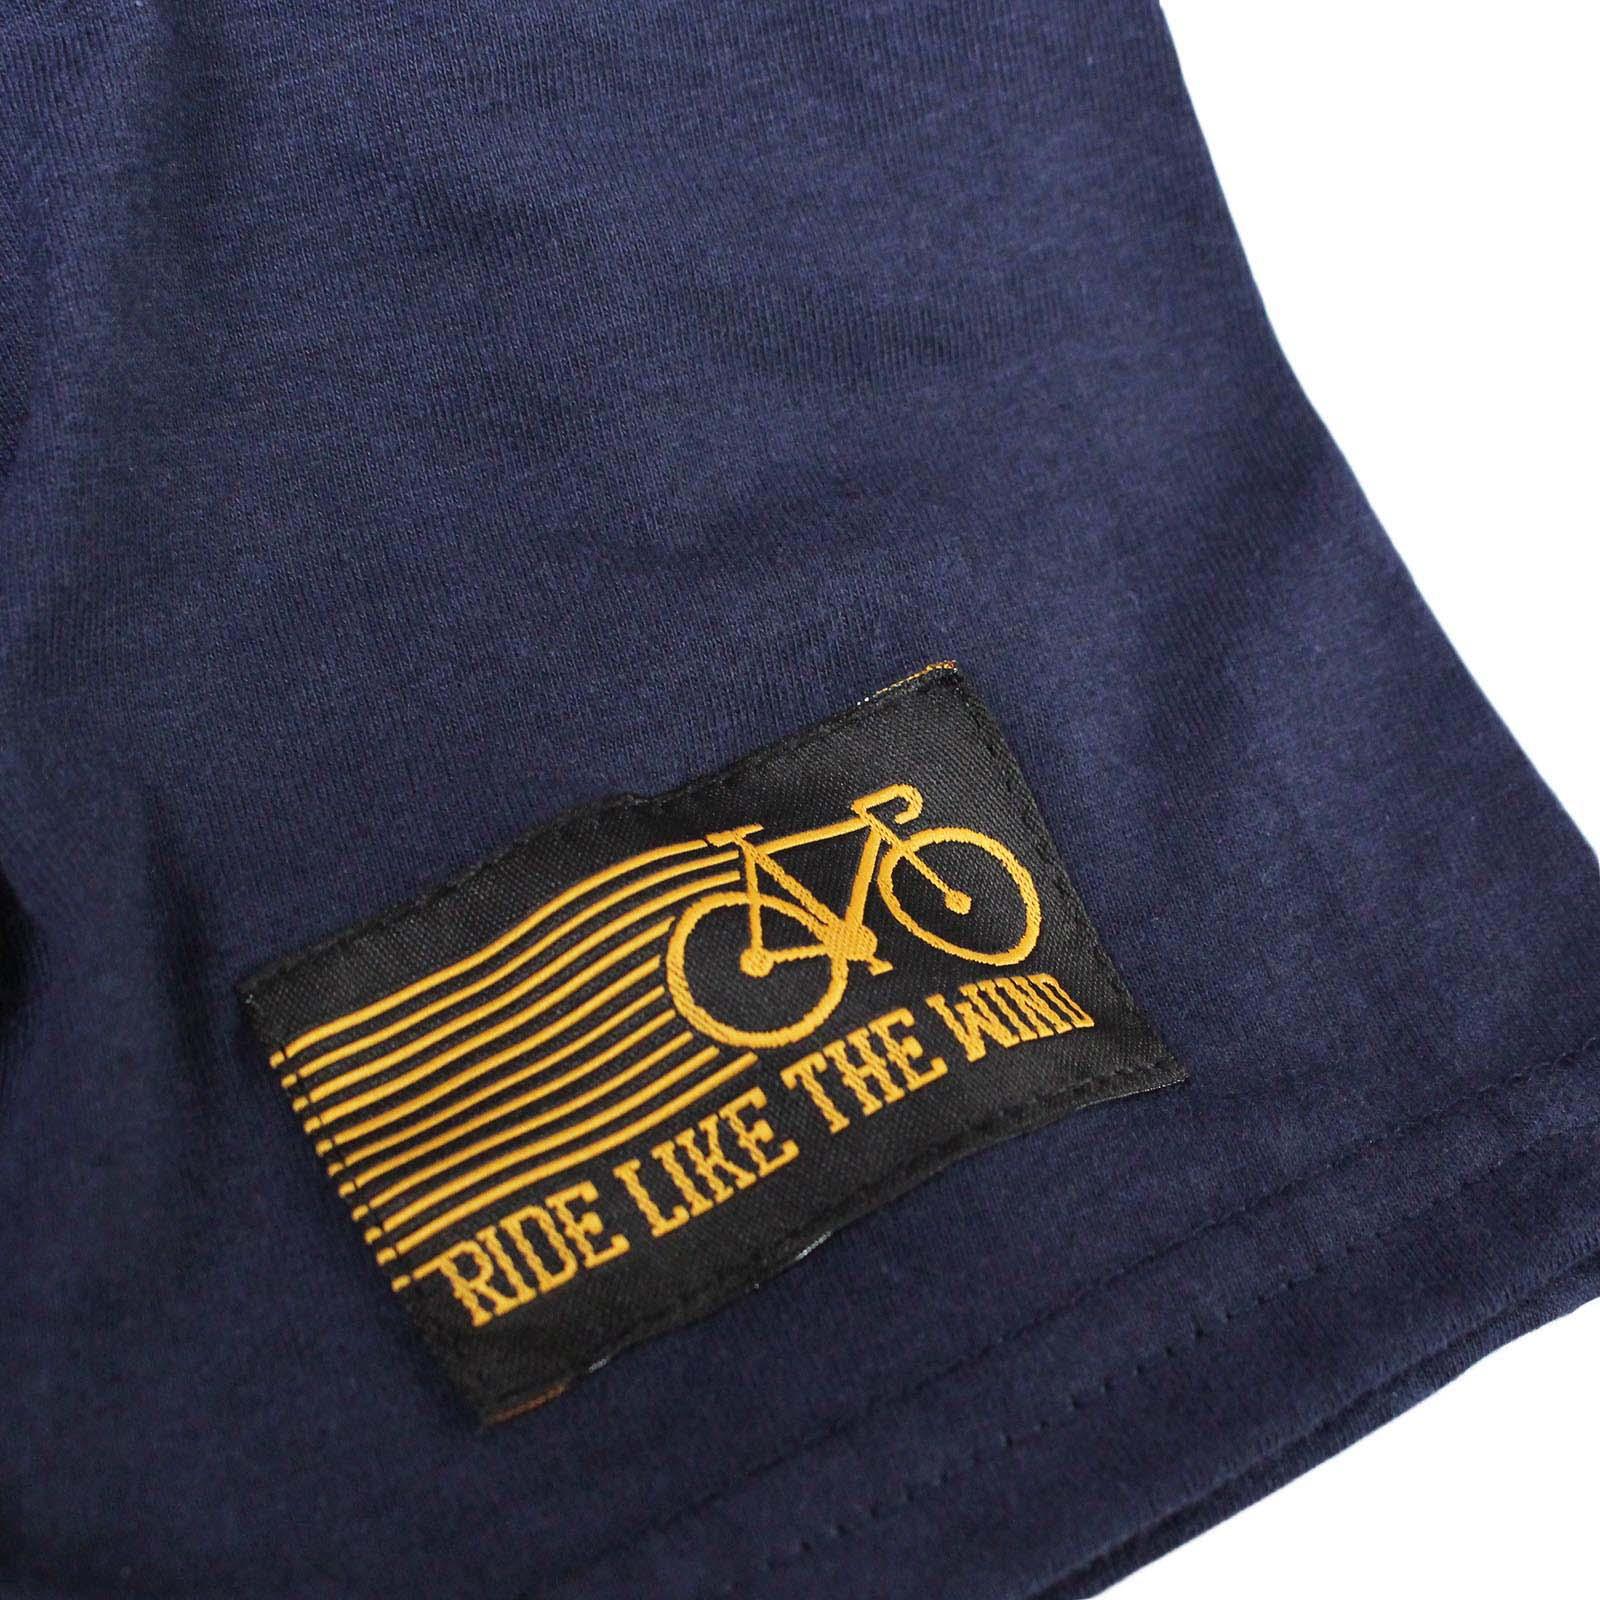 FB-Cycling-Tee-Ocd-Cycling-Novelty-Birthday-Christmas-Gift-Mens-T-Shirt thumbnail 25